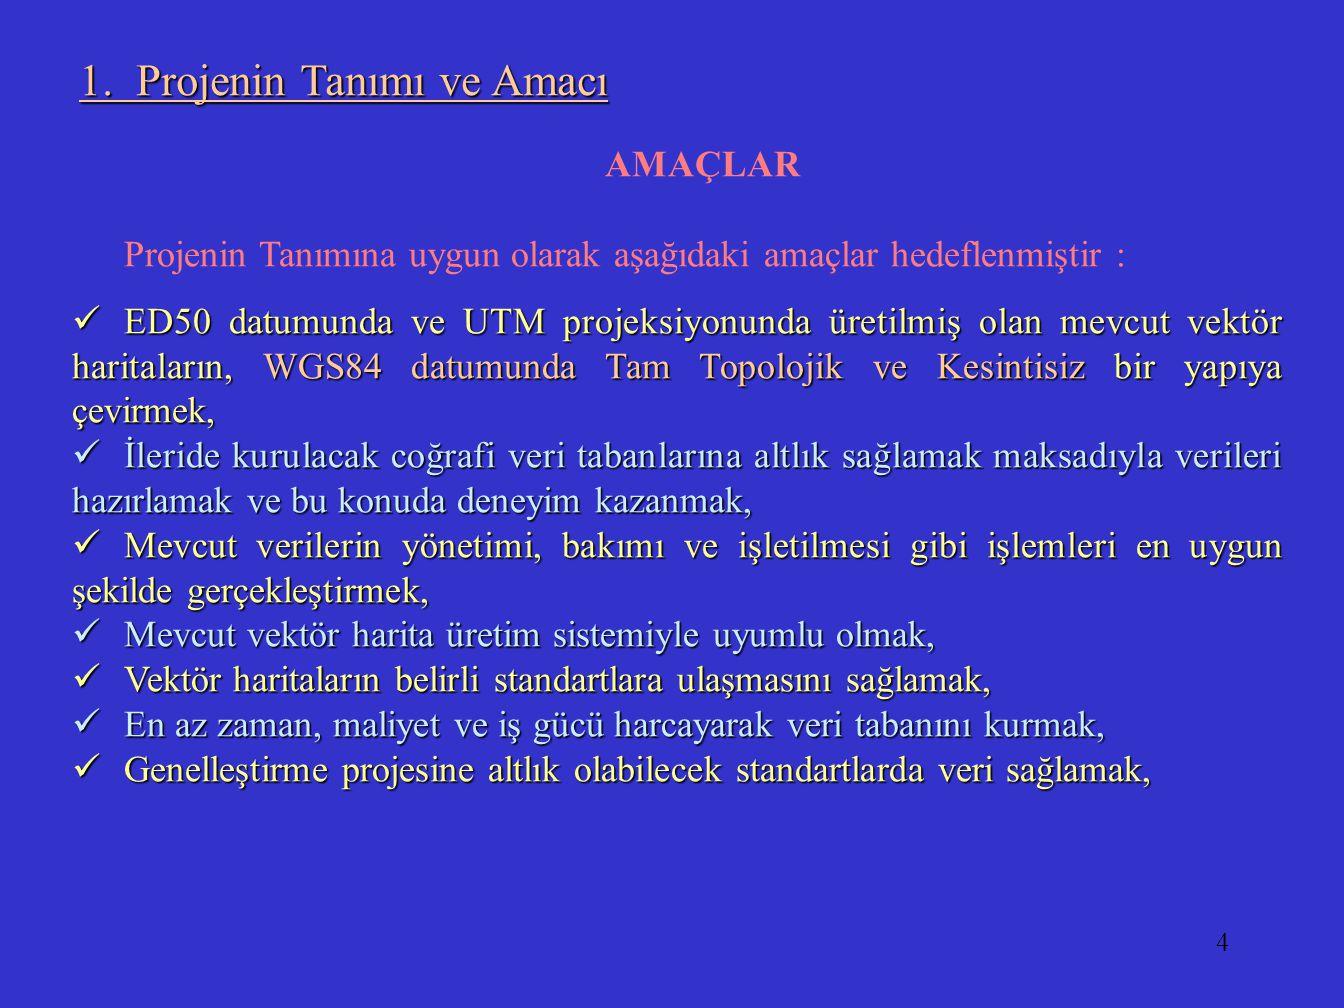 4 AMAÇLAR Projenin Tanımına uygun olarak aşağıdaki amaçlar hedeflenmiştir : ED50 datumunda ve UTM projeksiyonunda üretilmiş olan mevcut vektör harital